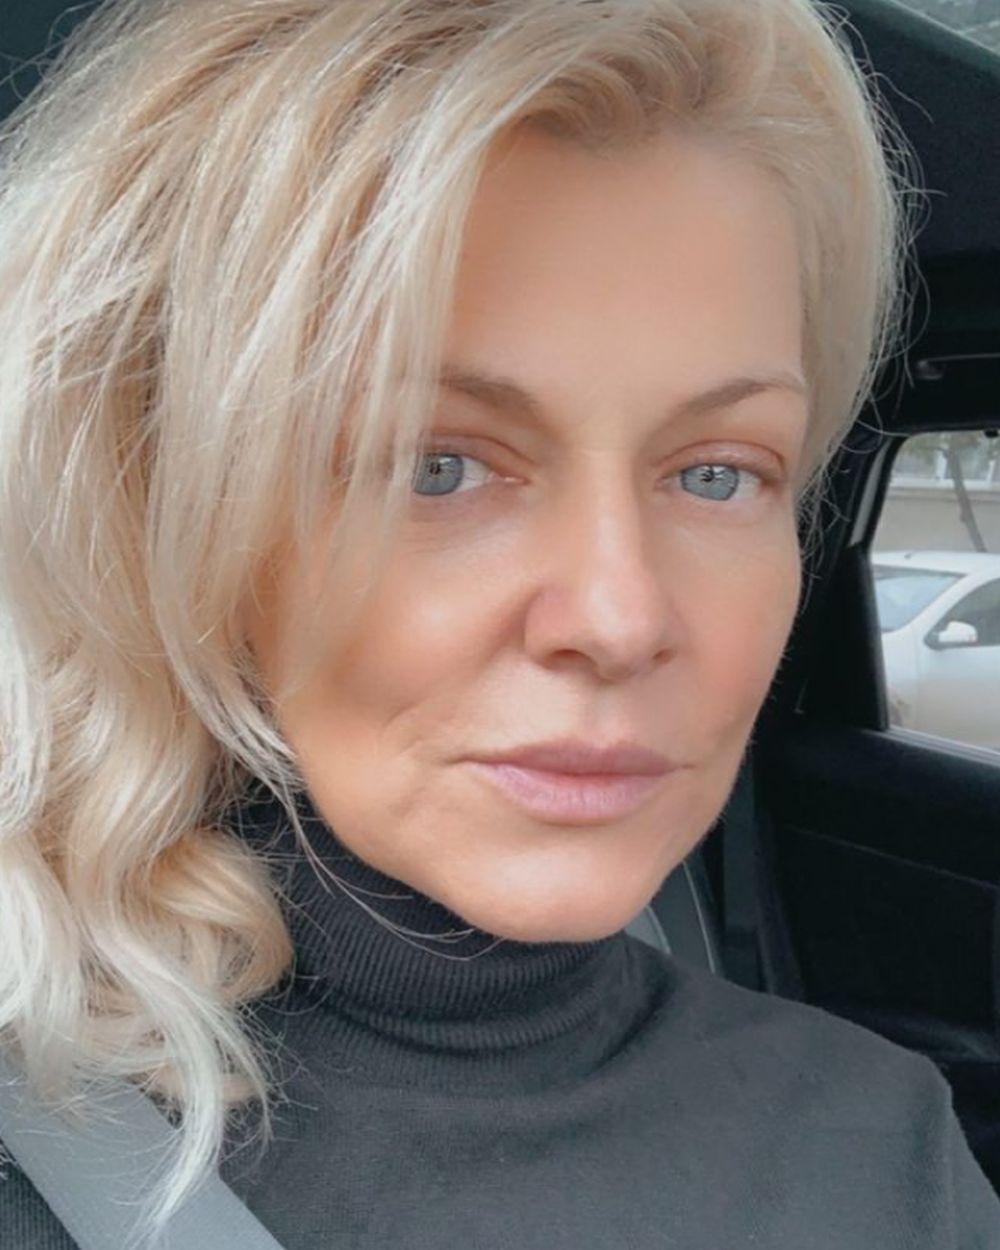 Dana Nălbaru arată foarte bine și se vede că este transformată total